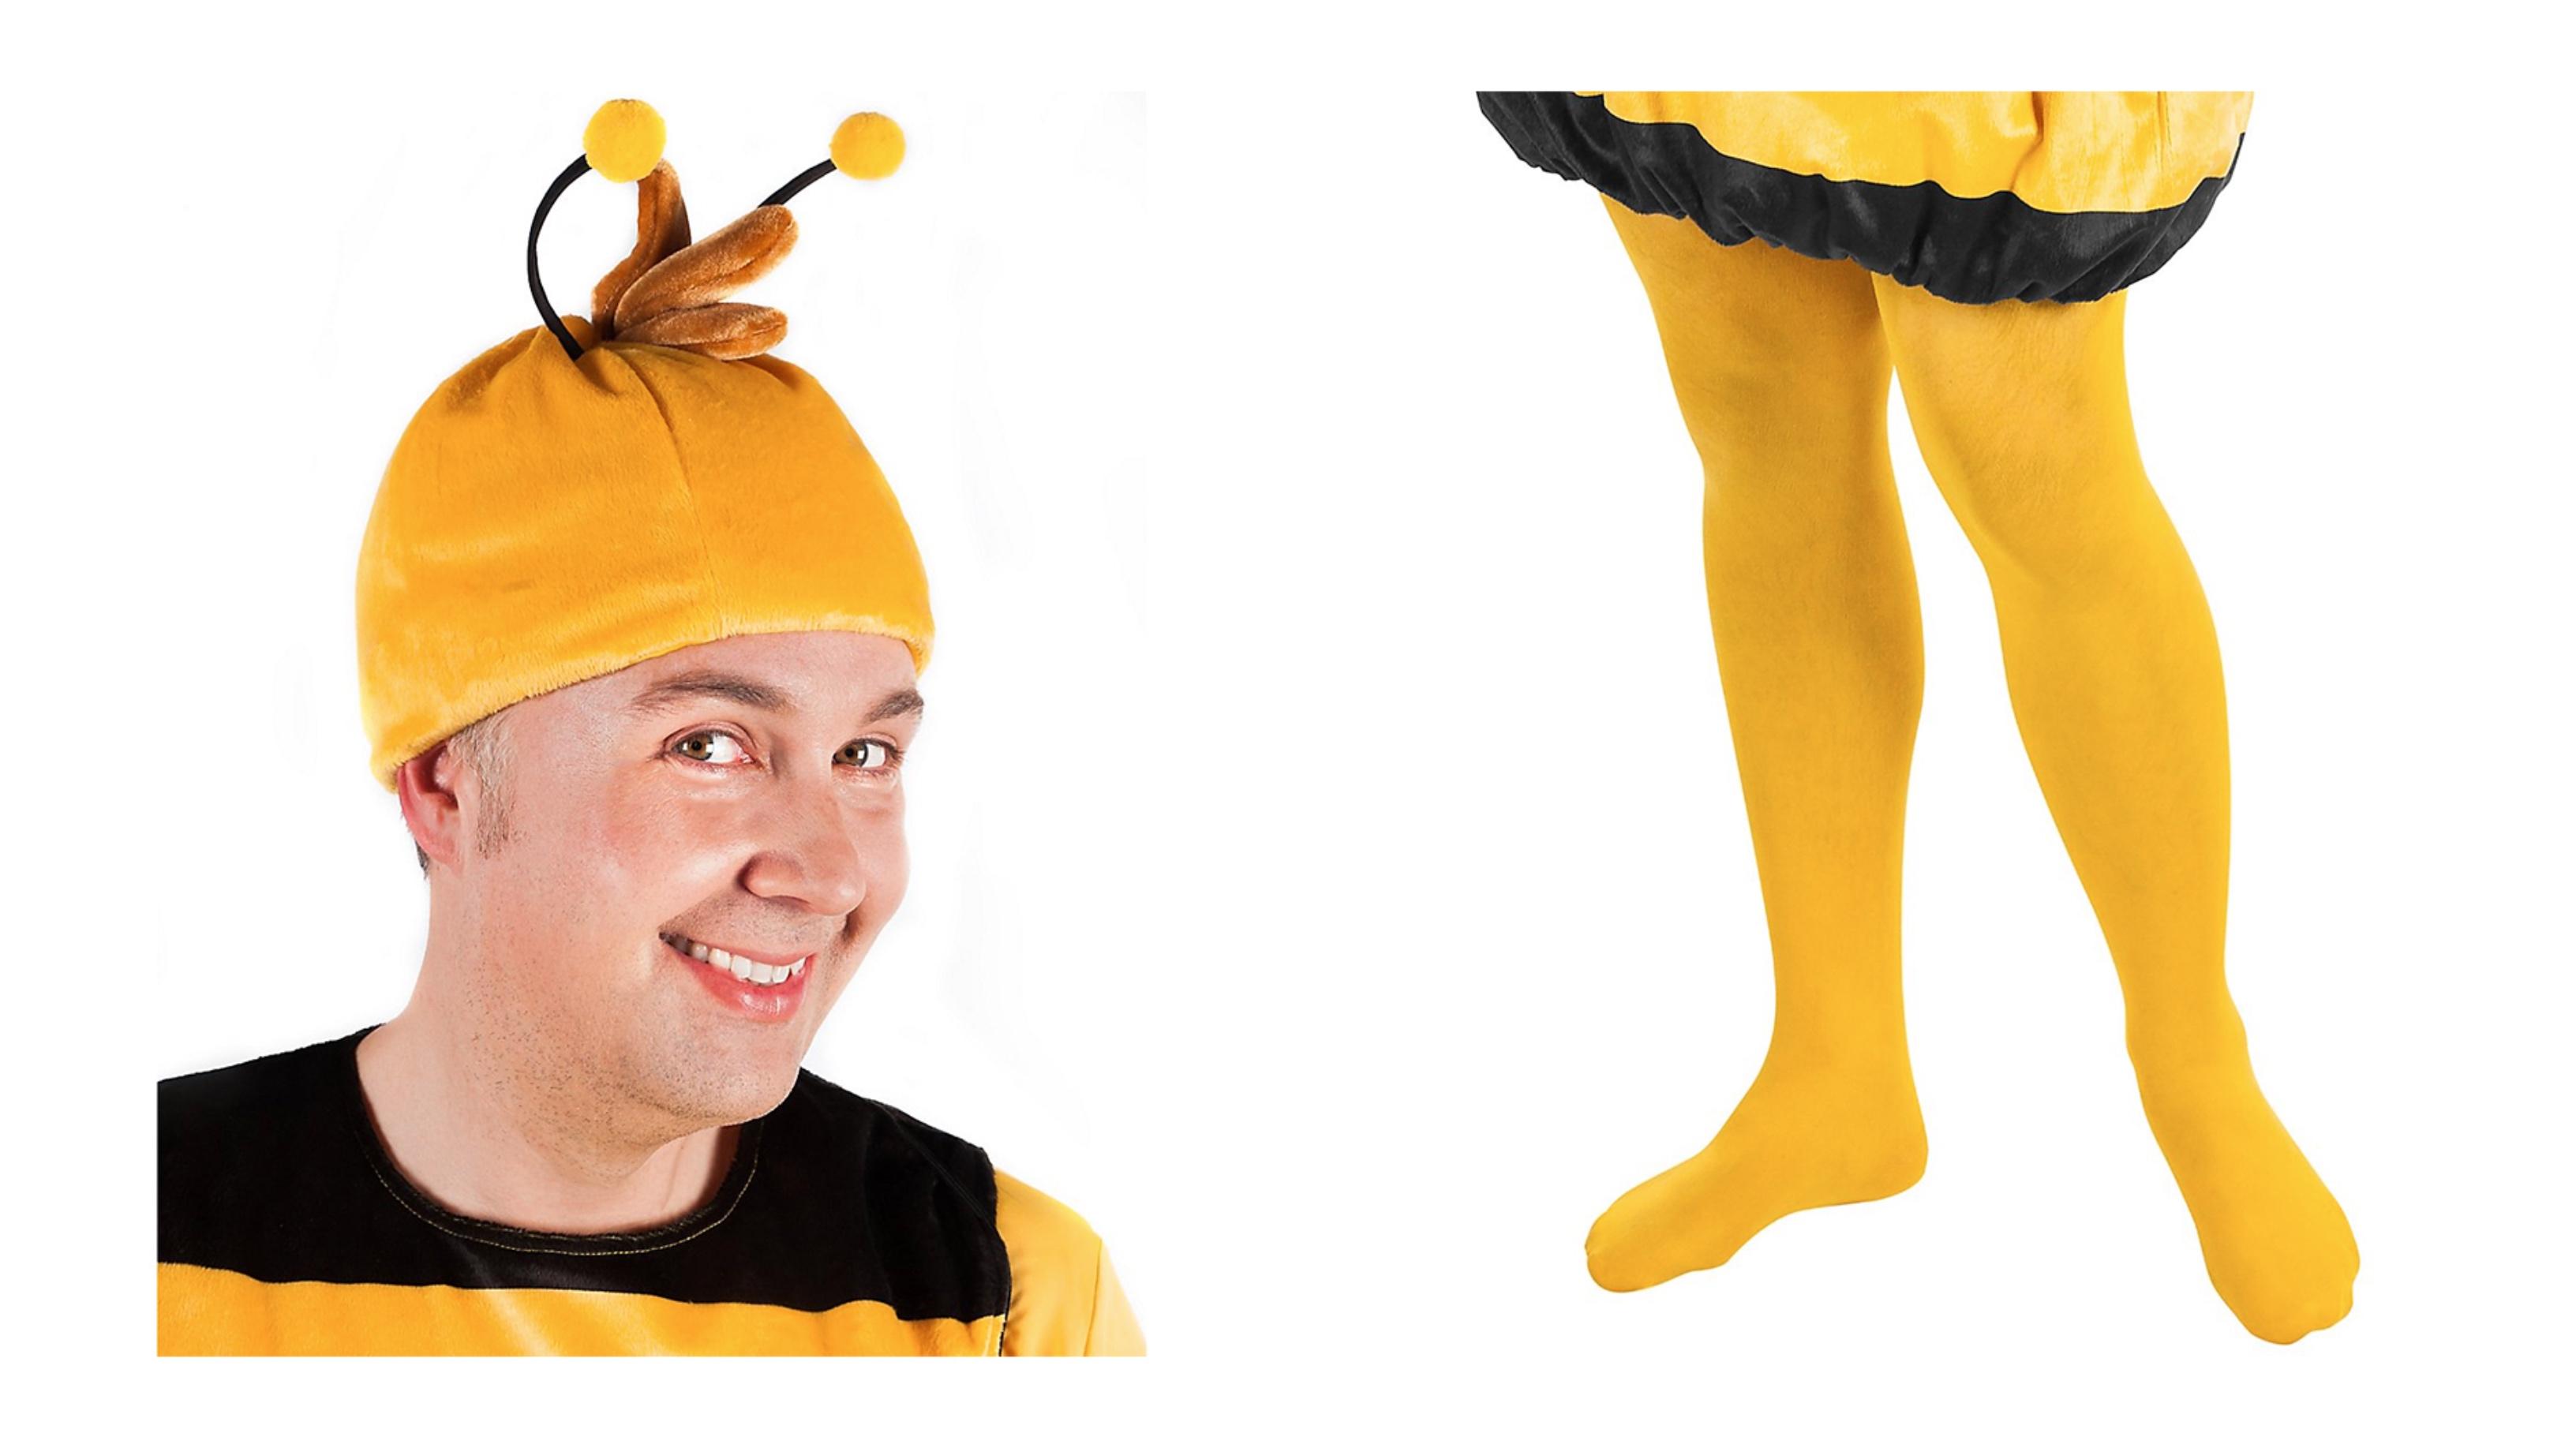 tilbehør til voksne - Bien Maja kostume til børn og voksne